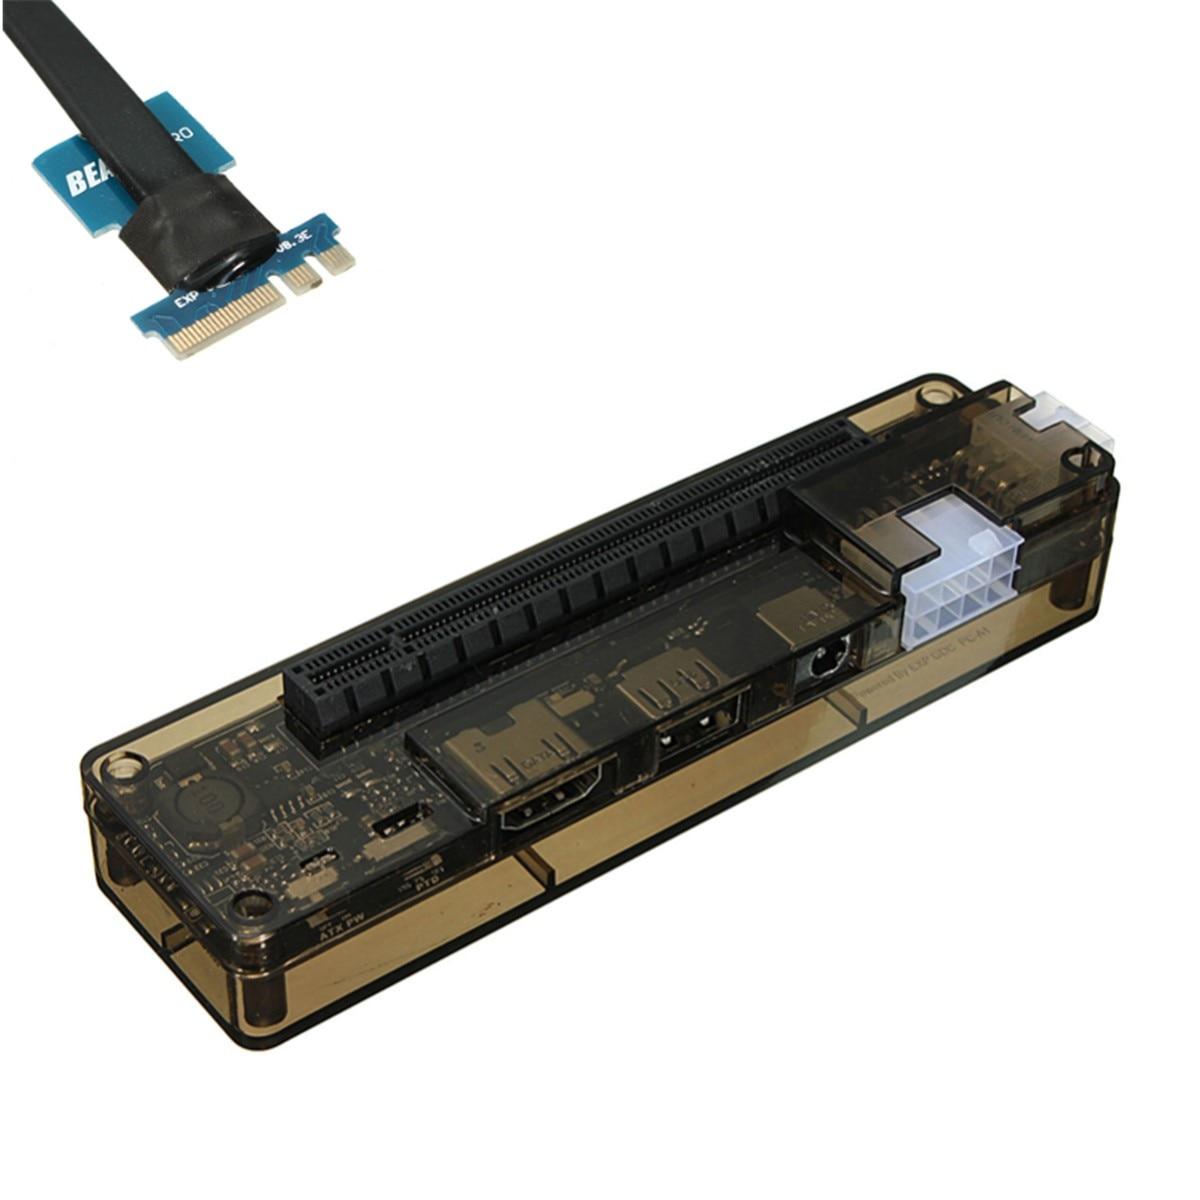 HOT-V8.0 EXP GDC bête ordinateur portable externe indépendant carte vidéo Dock NGFF ordinateur portable PCI-E périphérique d'extension